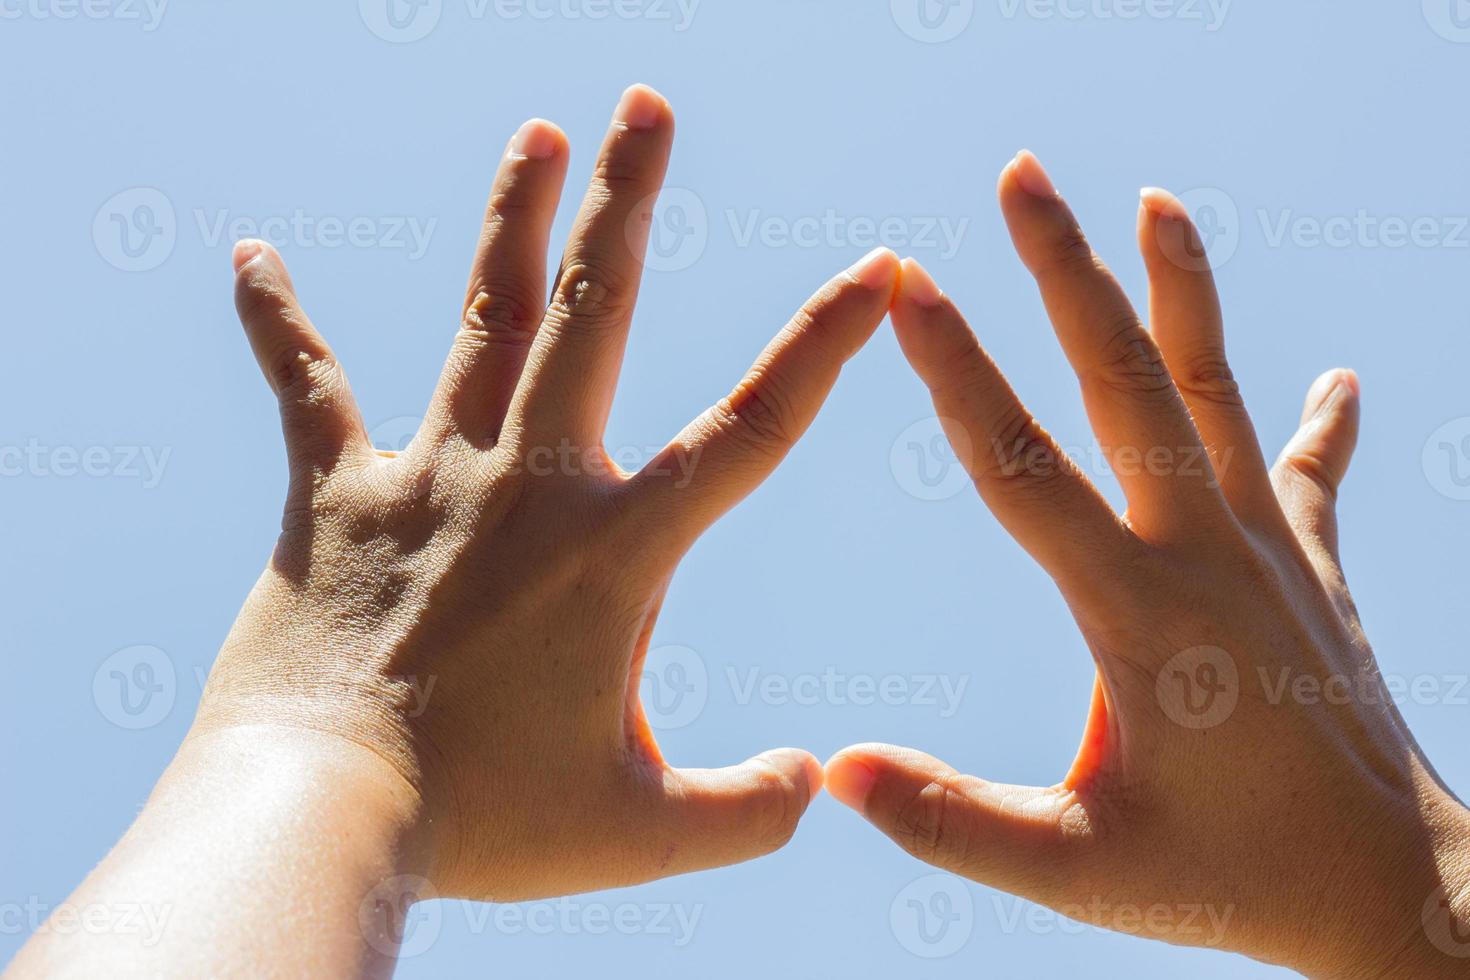 fille main en forme de coeur à l'envers amour ciel bleu photo